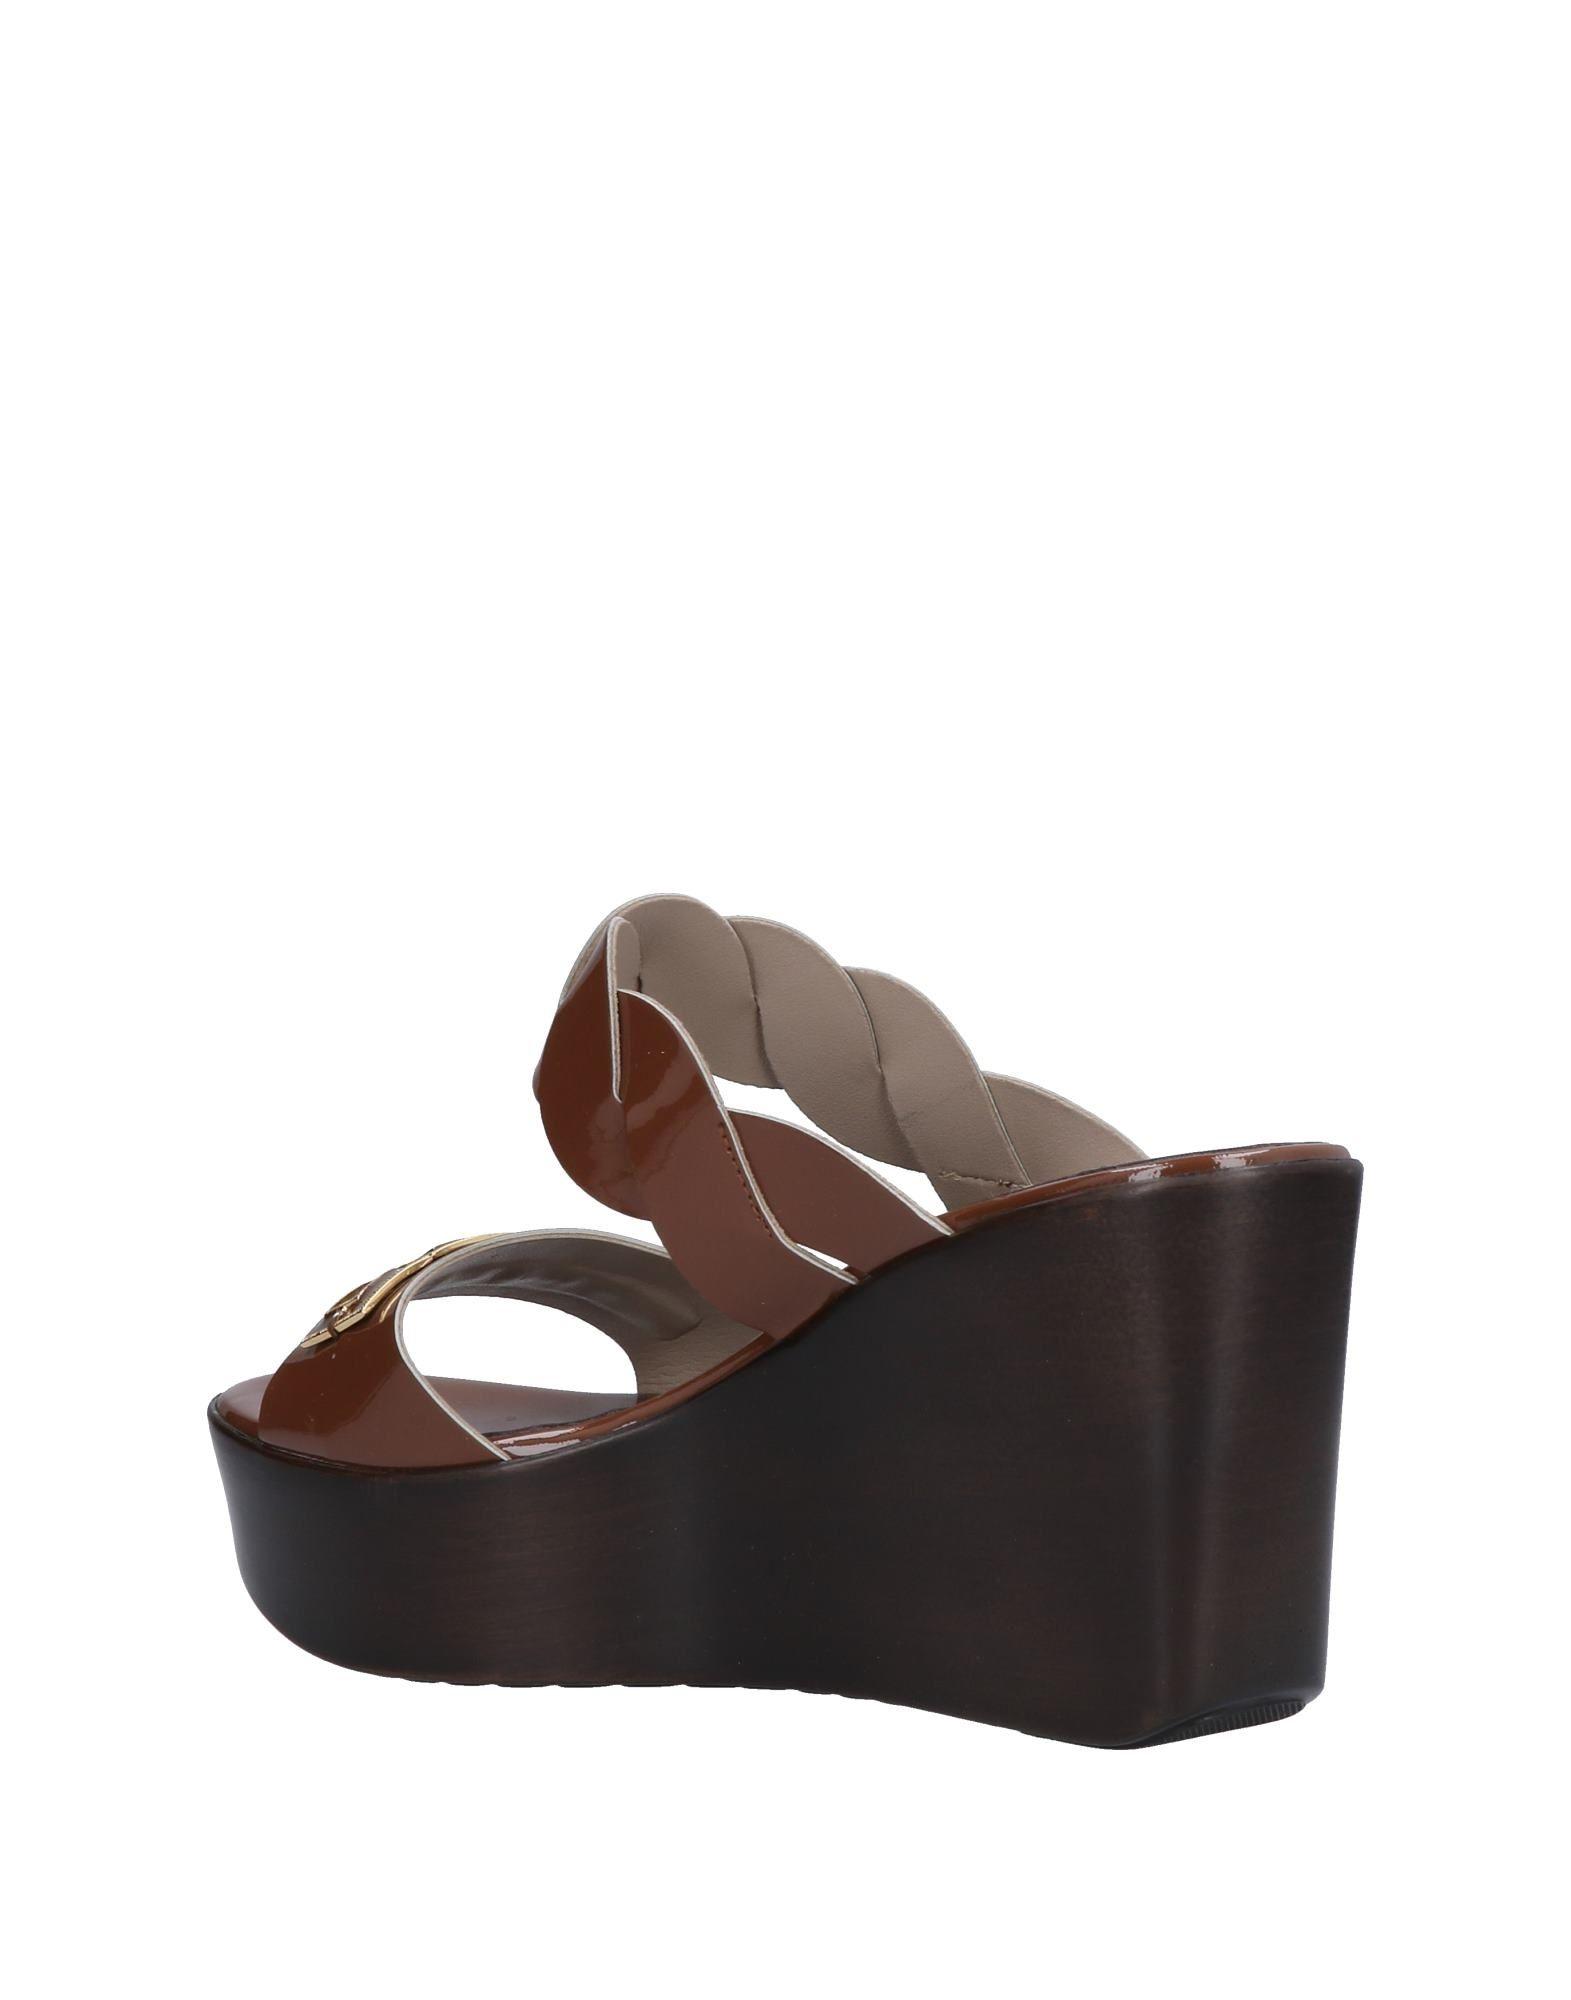 Jeannot Sandalen Damen  11504271CA Gute Qualität beliebte Schuhe Schuhe beliebte 2f9efc